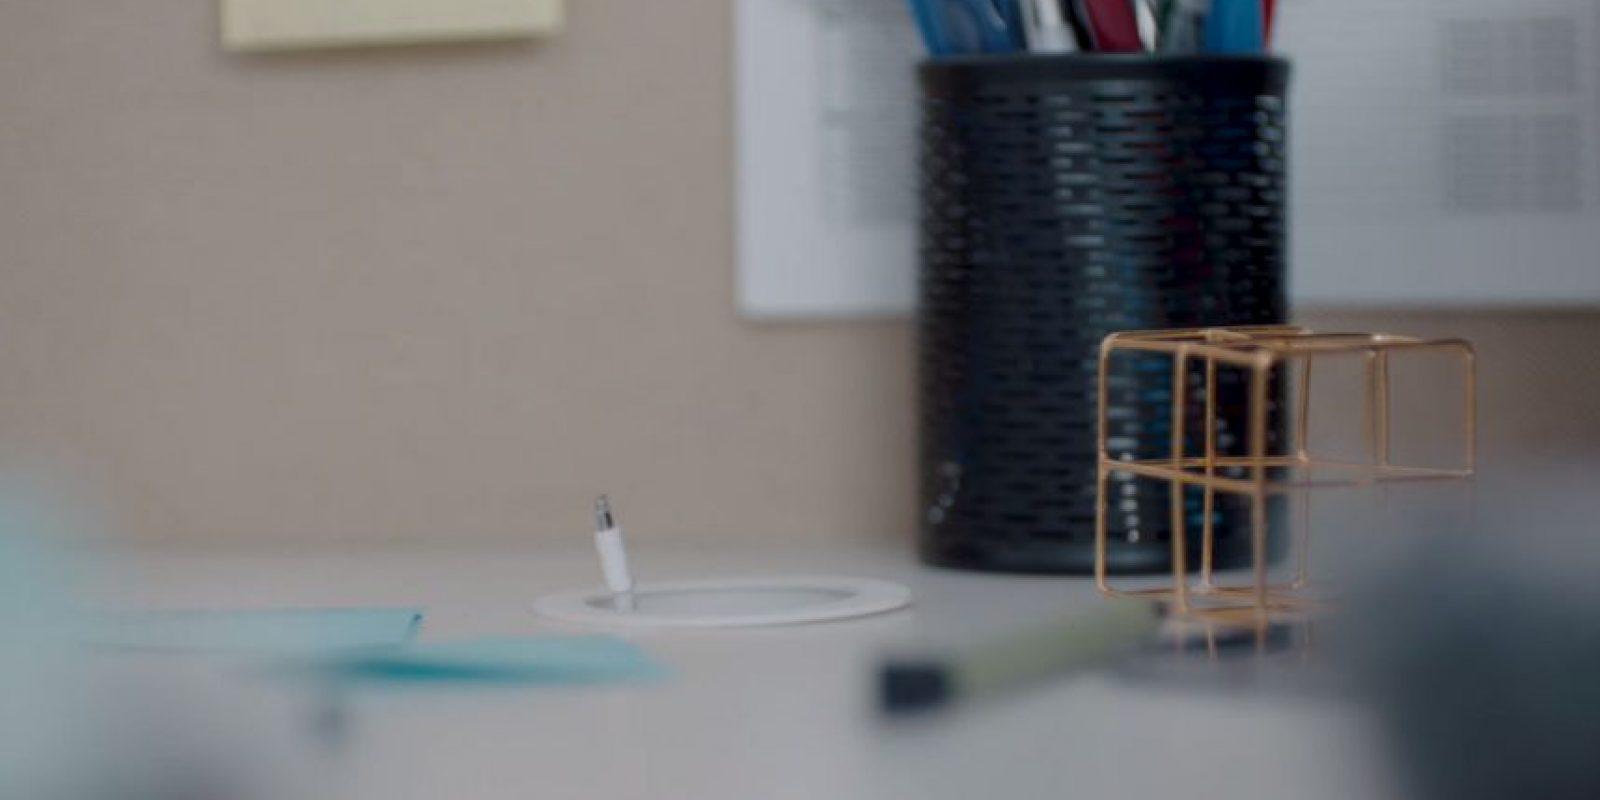 En ocasiones los cables no son lo suficientemente largos Foto:Samsung